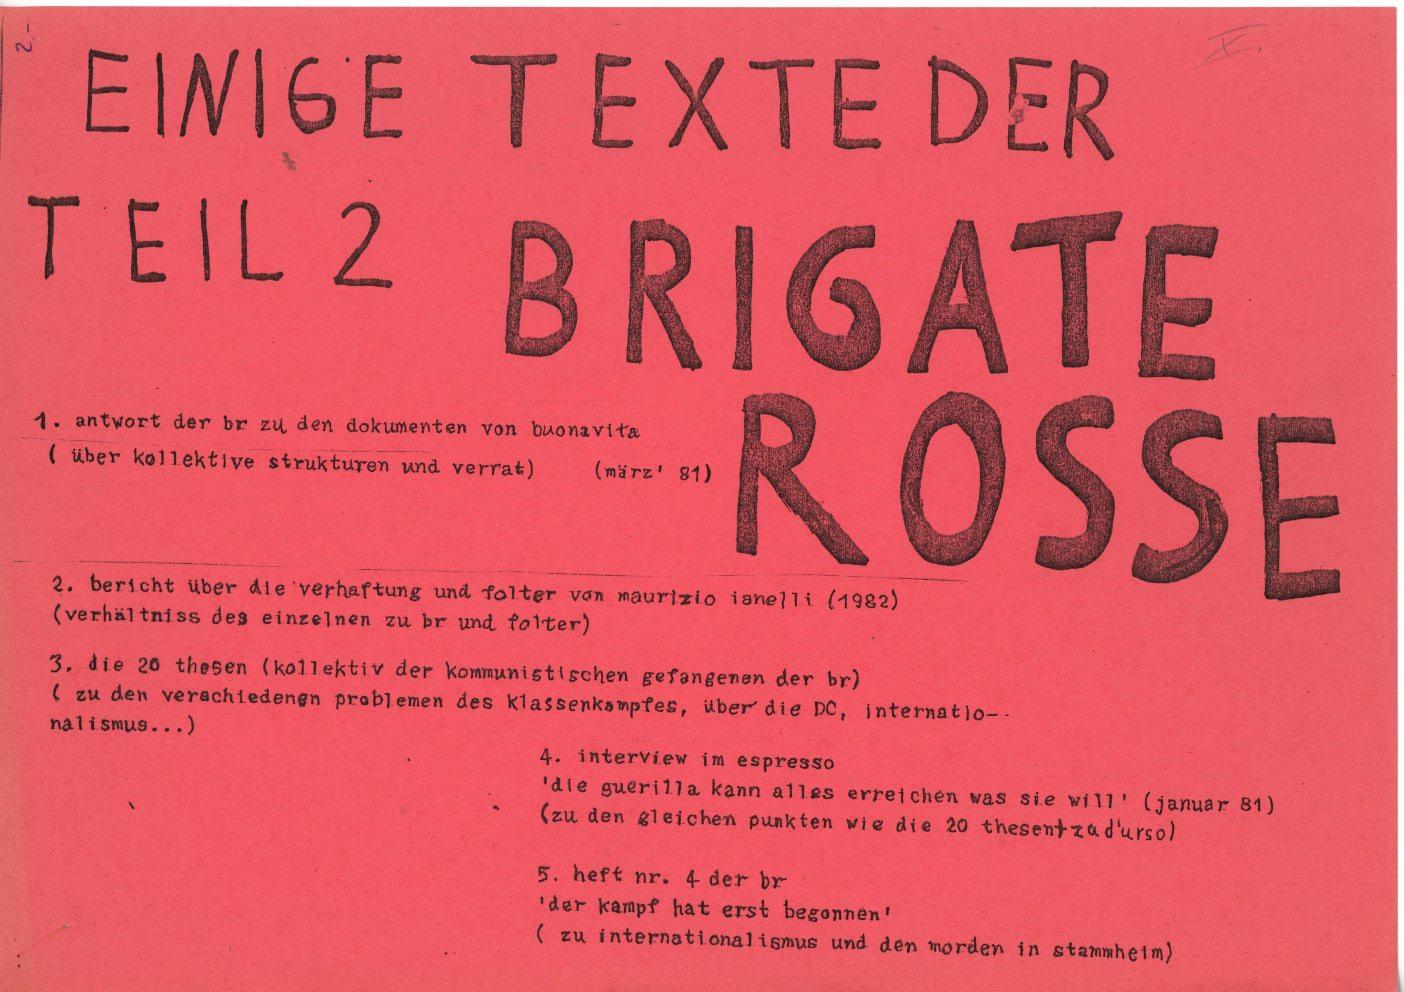 Italien_Brigate_Rosse_1982_Texte_2_01